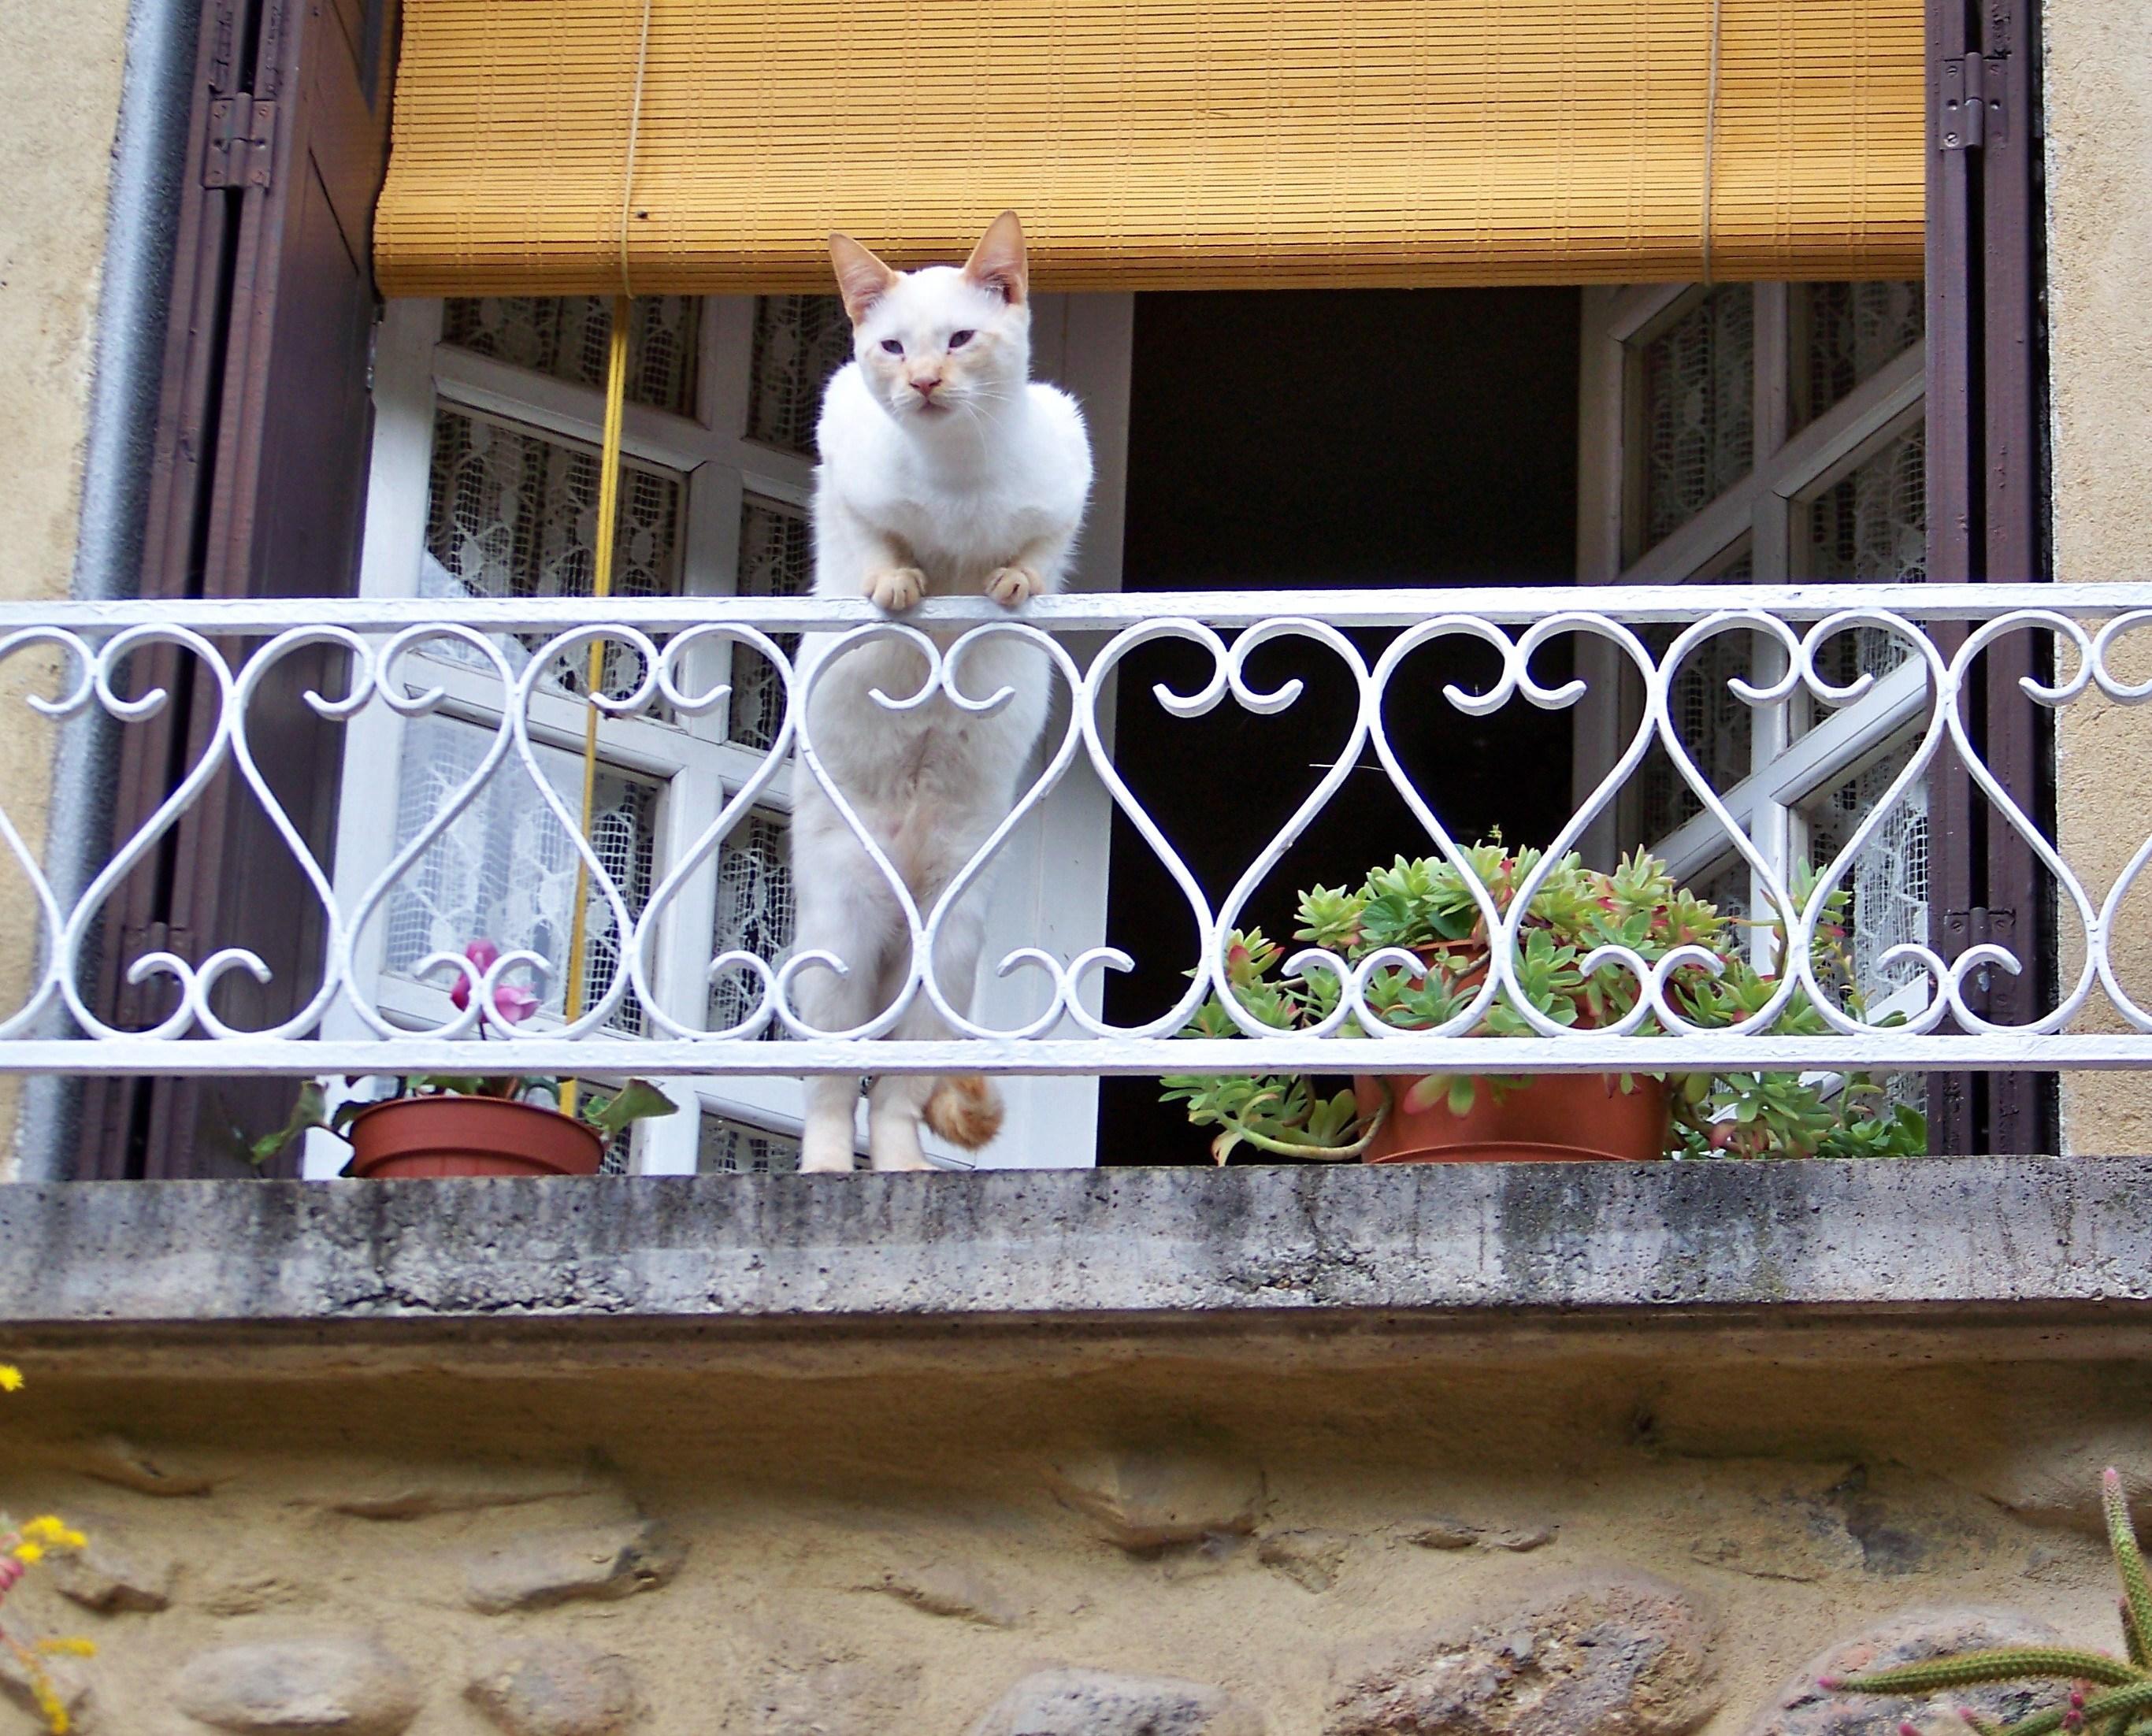 T l charger photos chat la fen tre gratuitement - Grillage fenetre chat ...